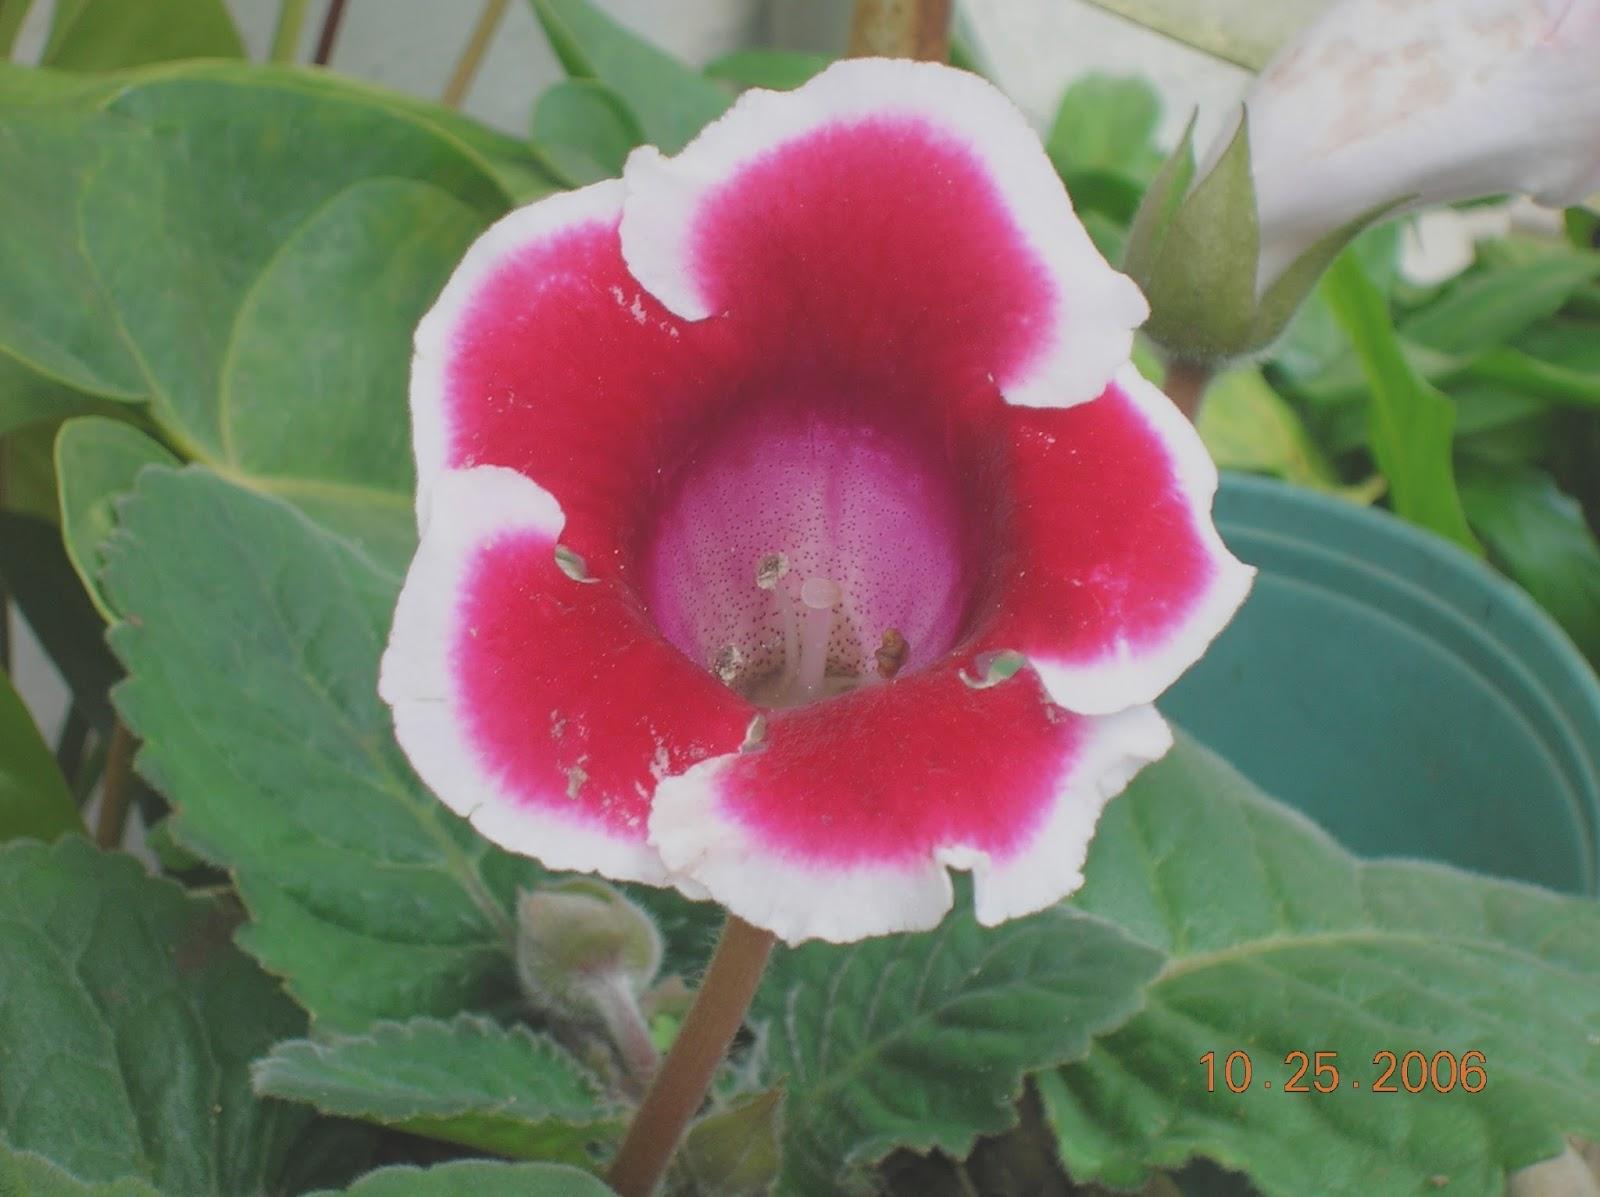 Arreglos florales plantas ornamentales for Algunas plantas ornamentales